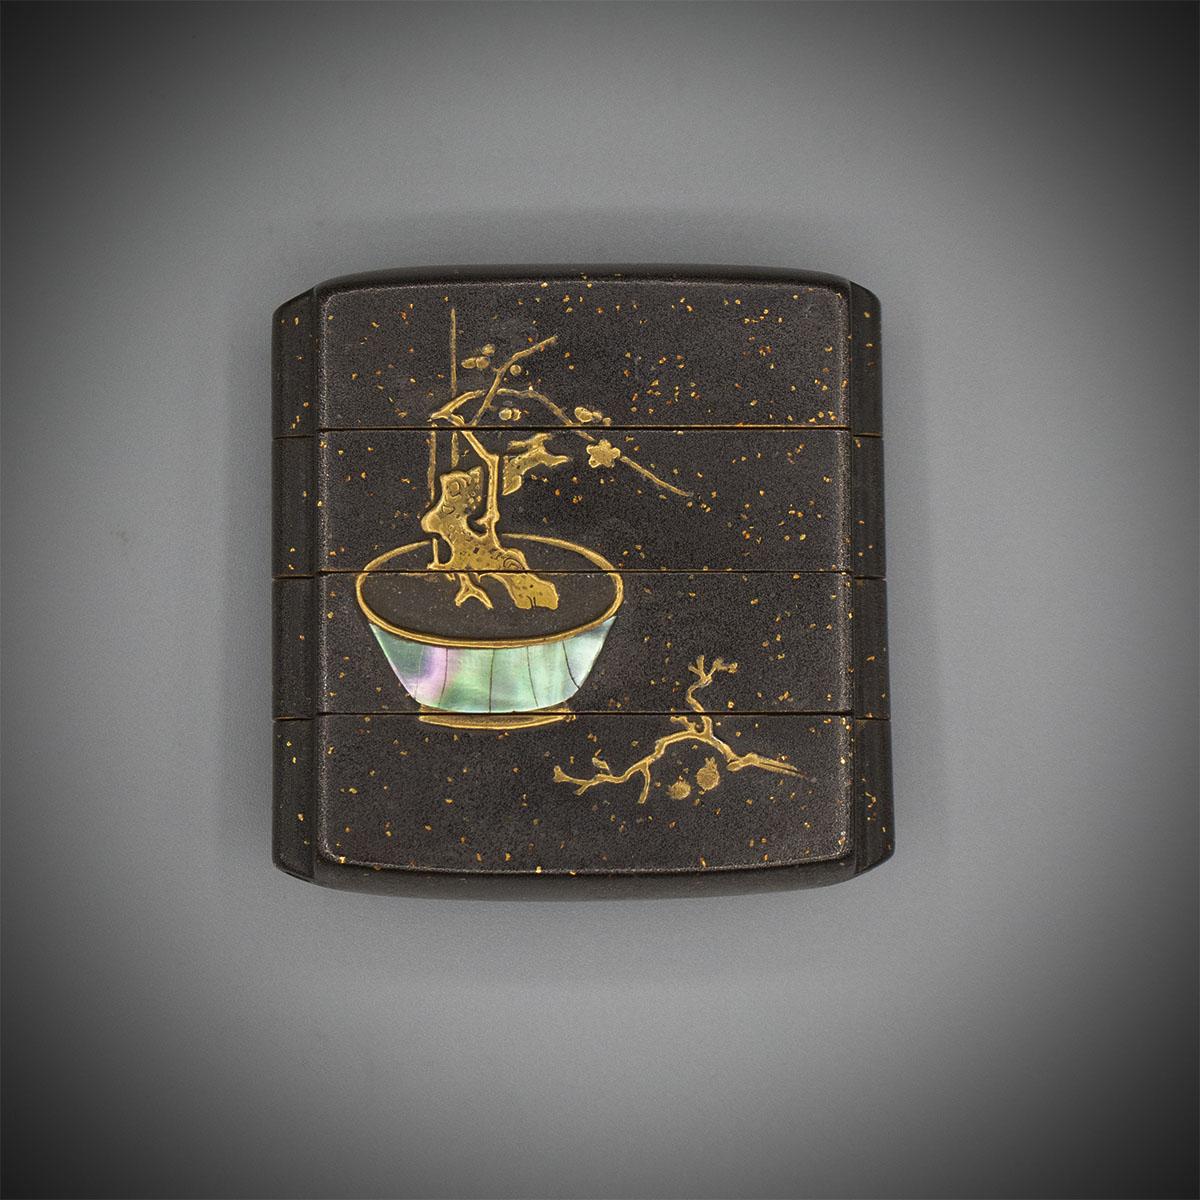 Frühes Silberlack-Inro mit drei Gehäusen und Bonsai MR3466_v.1